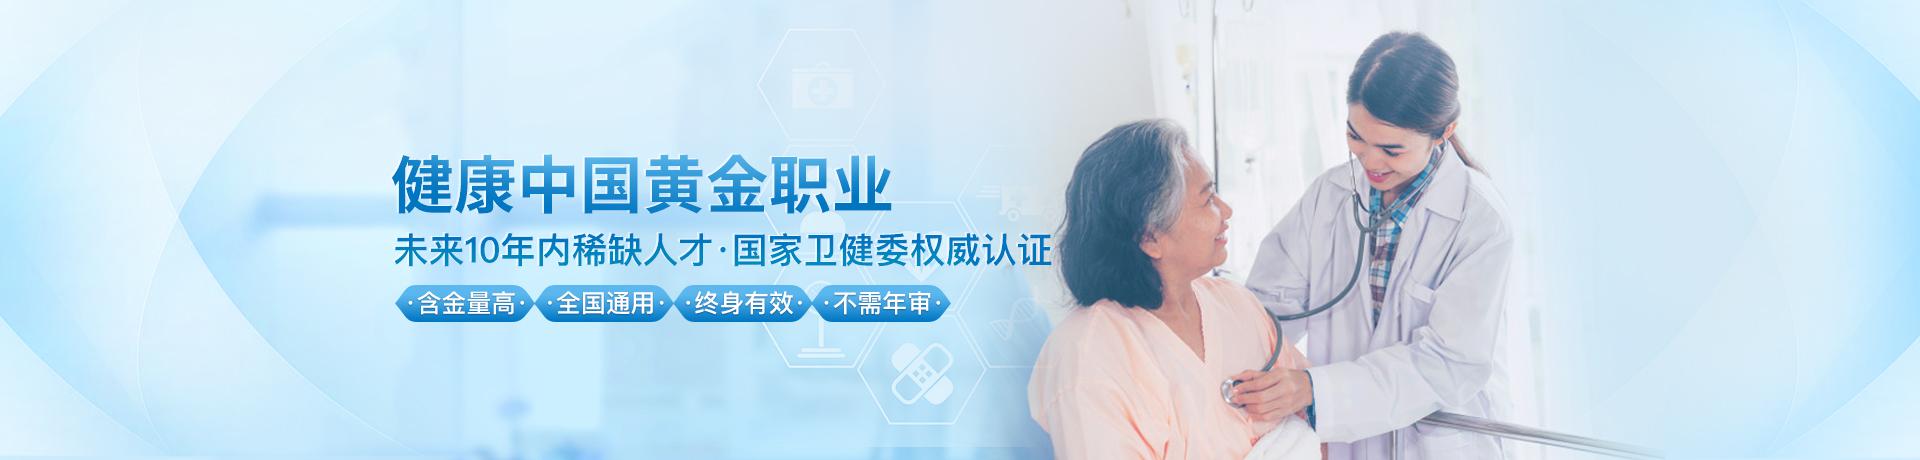 首页-健康中国